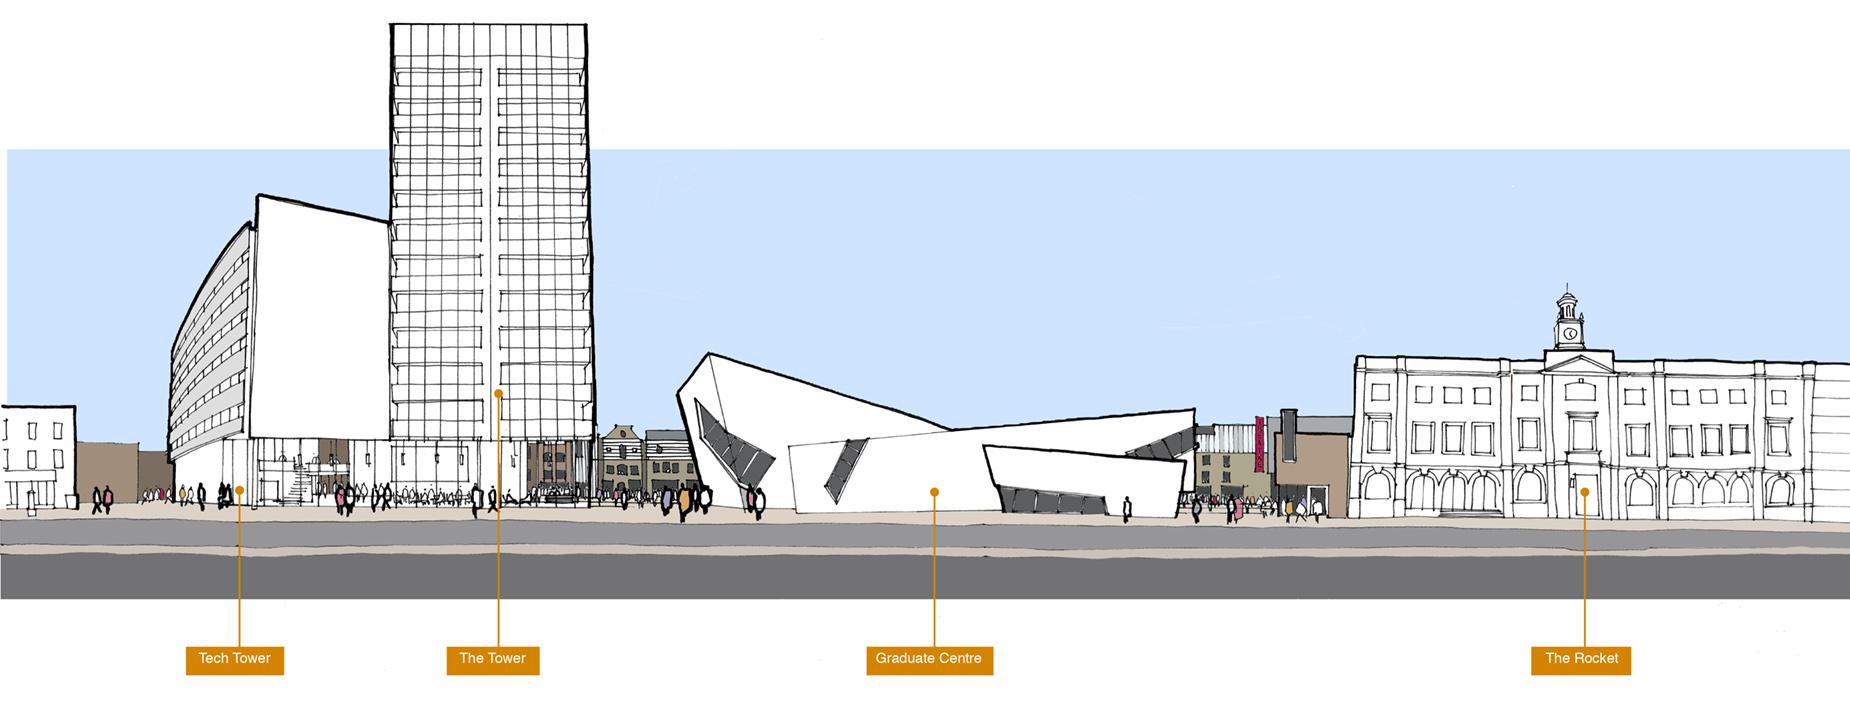 Phenomenal London Metropolitan University Masterplan Holloway Design Download Free Architecture Designs Scobabritishbridgeorg